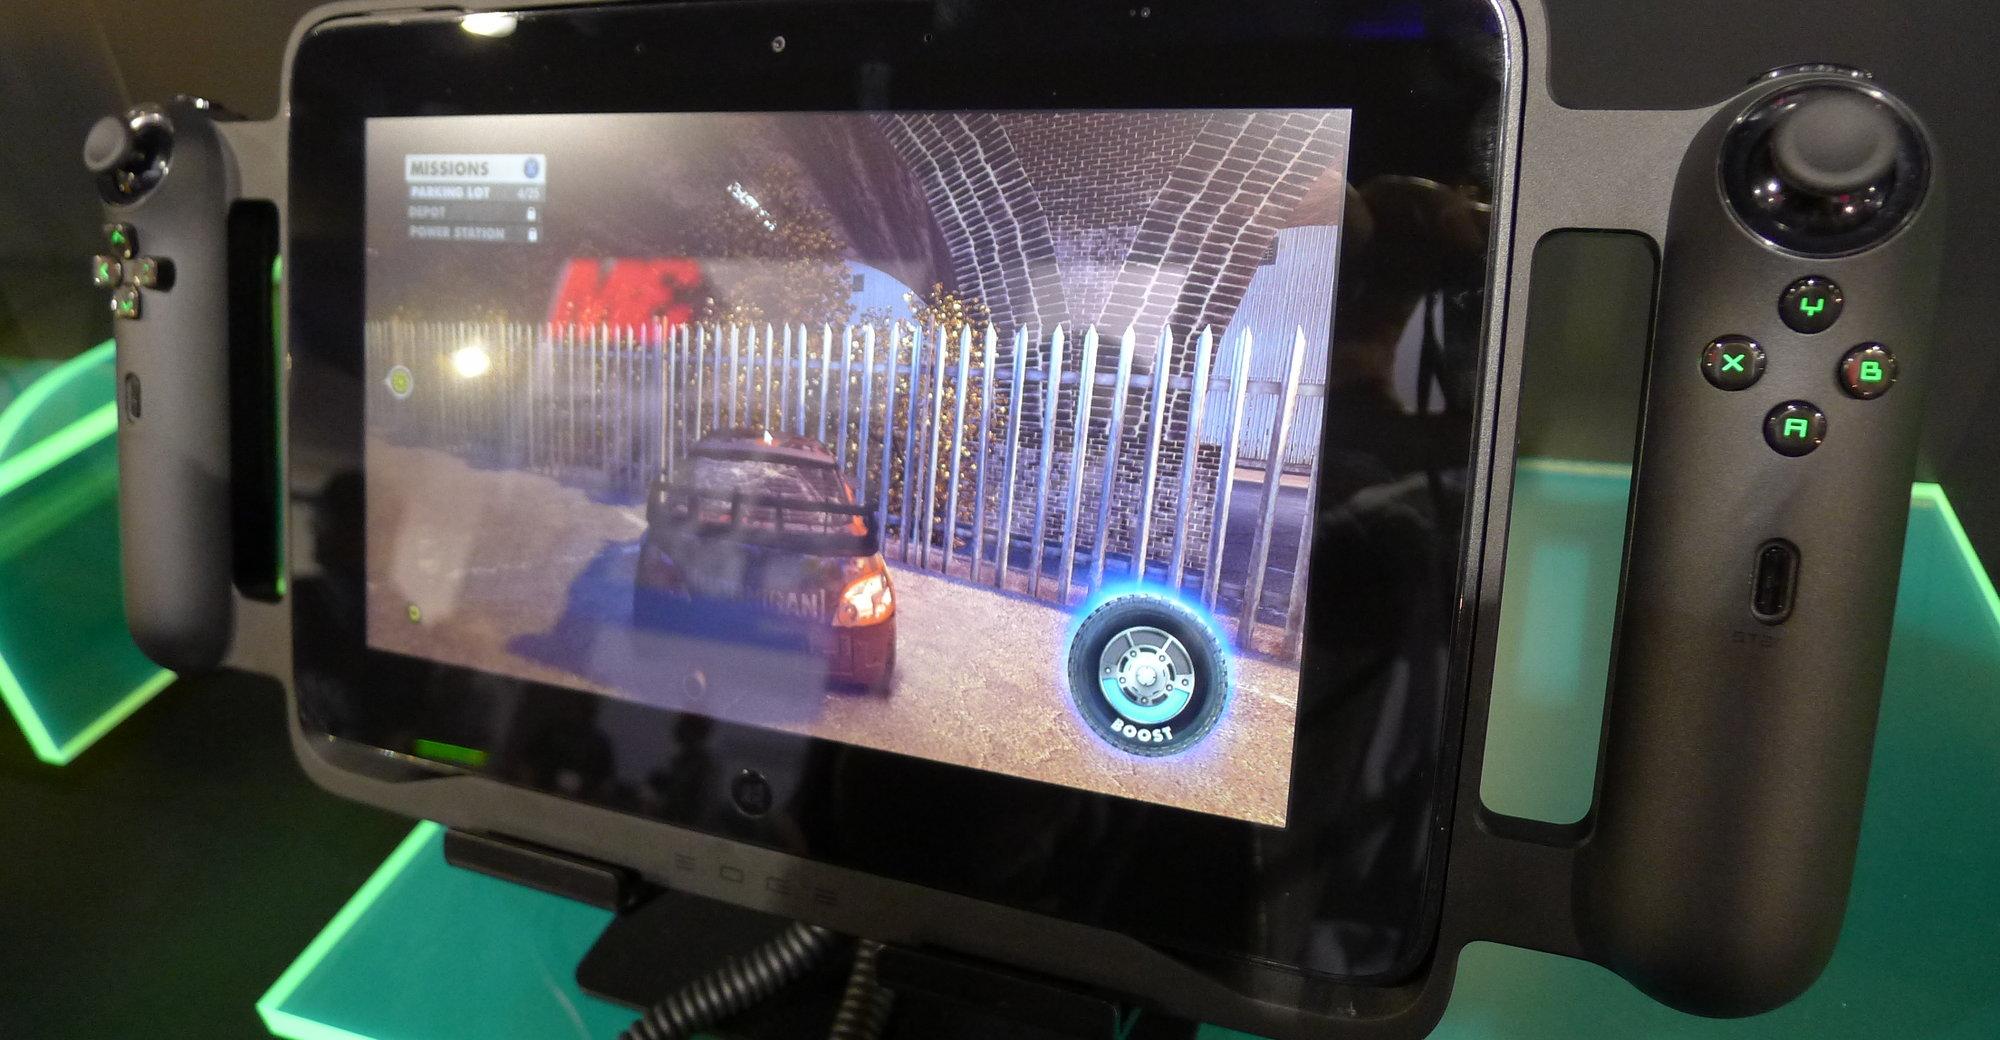 Razer Edge er et nettbrett, en konsoll og en PC i en og samme pakke. I Statene starter salget i løpet av første kvartal i år fra 5800 kroner for modellen med Core i5 CPU.